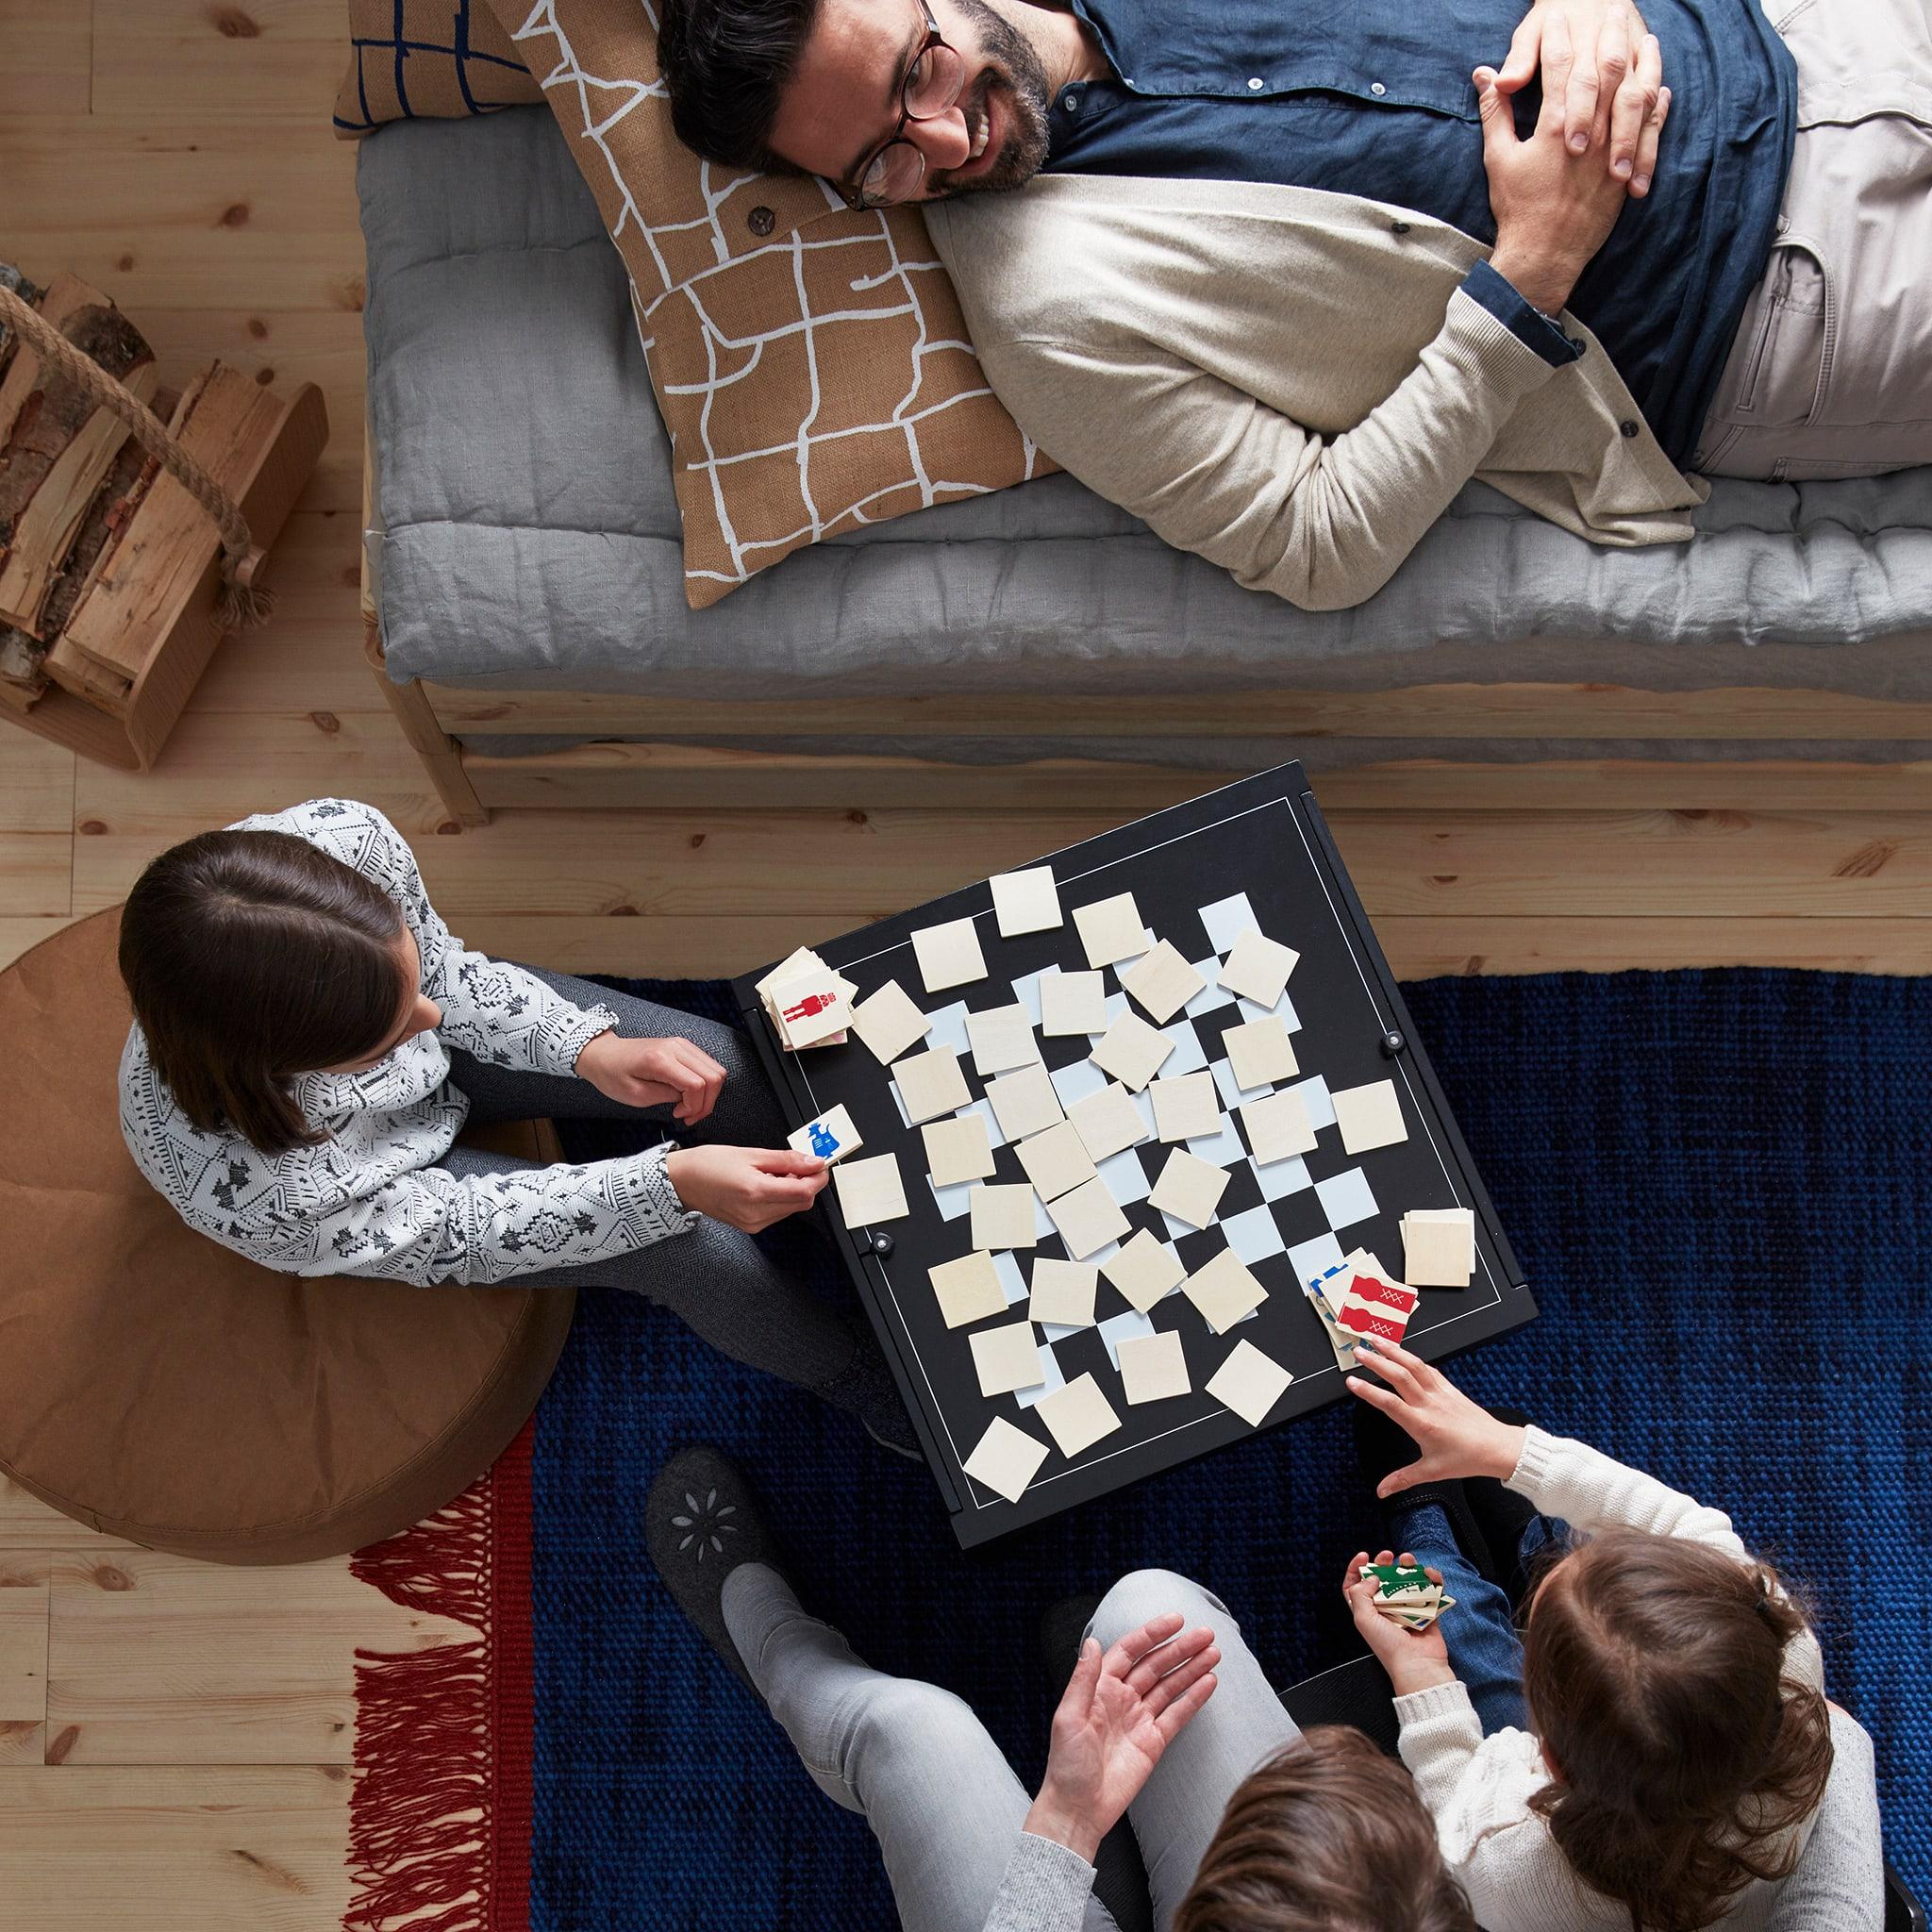 Anggota keluarga yang duduk dan berbaring berkumpul bersama di sekitar permainan yang sedang dimainkan di meja tamu dan papan permainan.